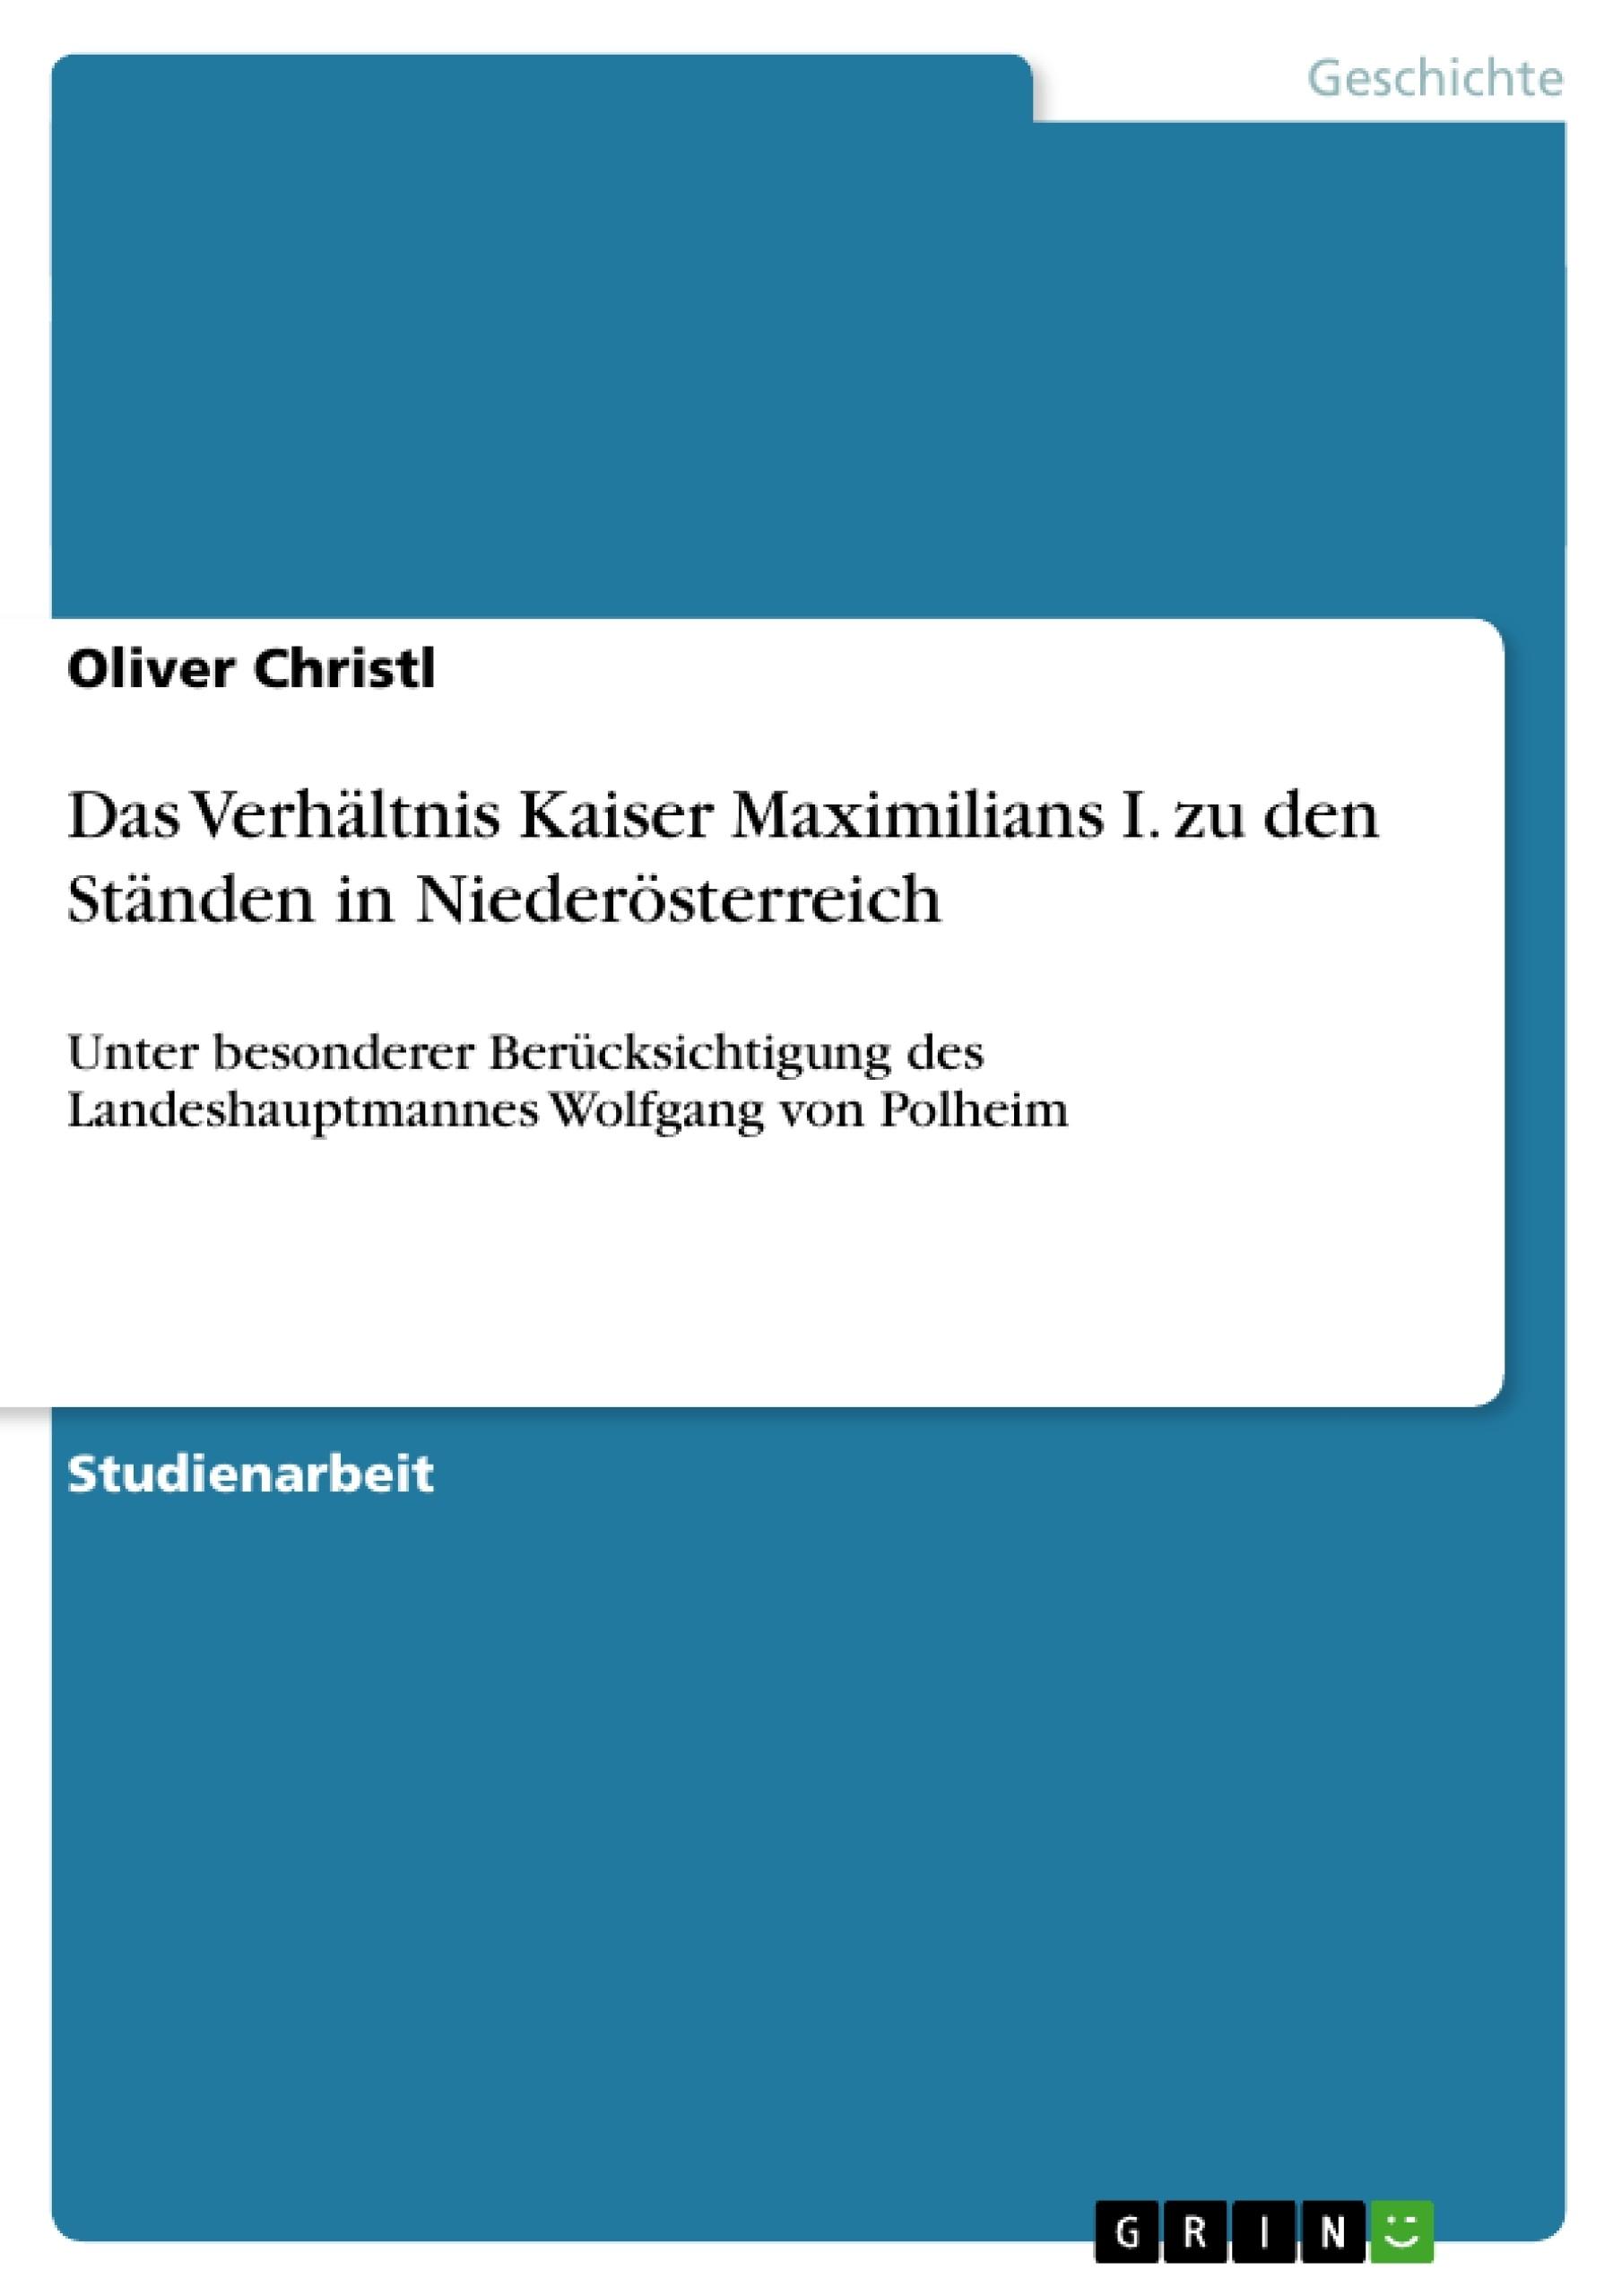 Titel: Das Verhältnis Kaiser Maximilians I. zu den Ständen in Niederösterreich